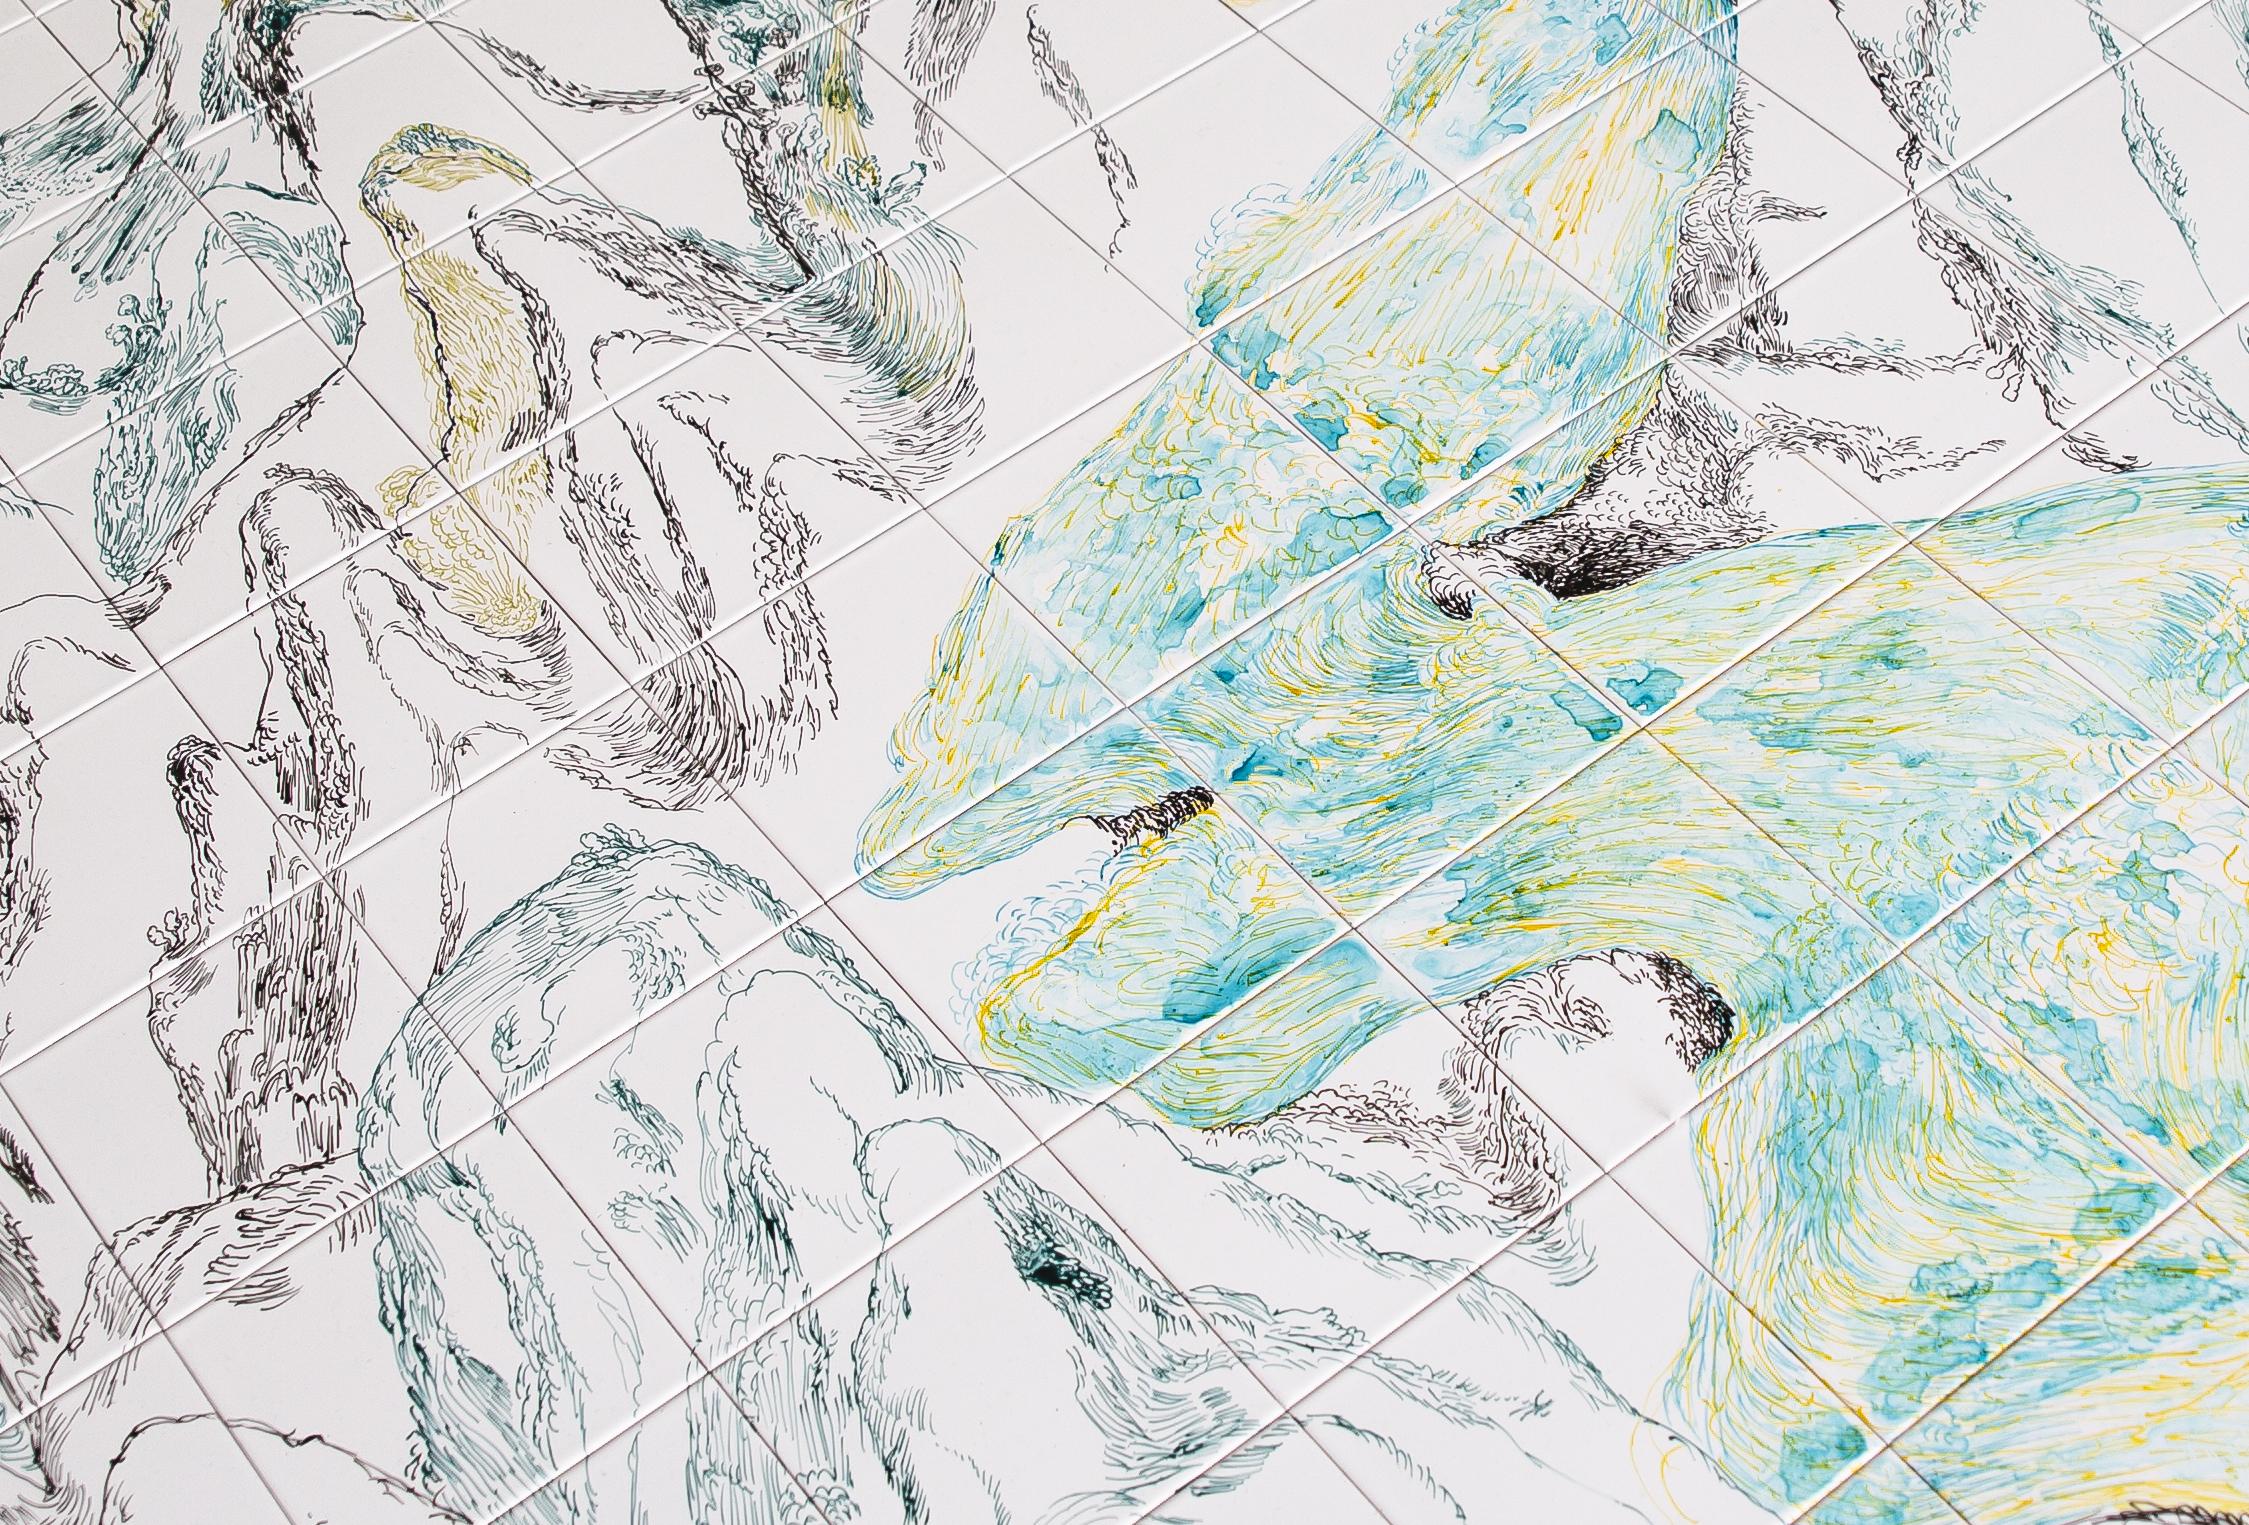 4 Giusy Pirrotta TAIXUNIA exhibition view, Dimora Artica.jpg